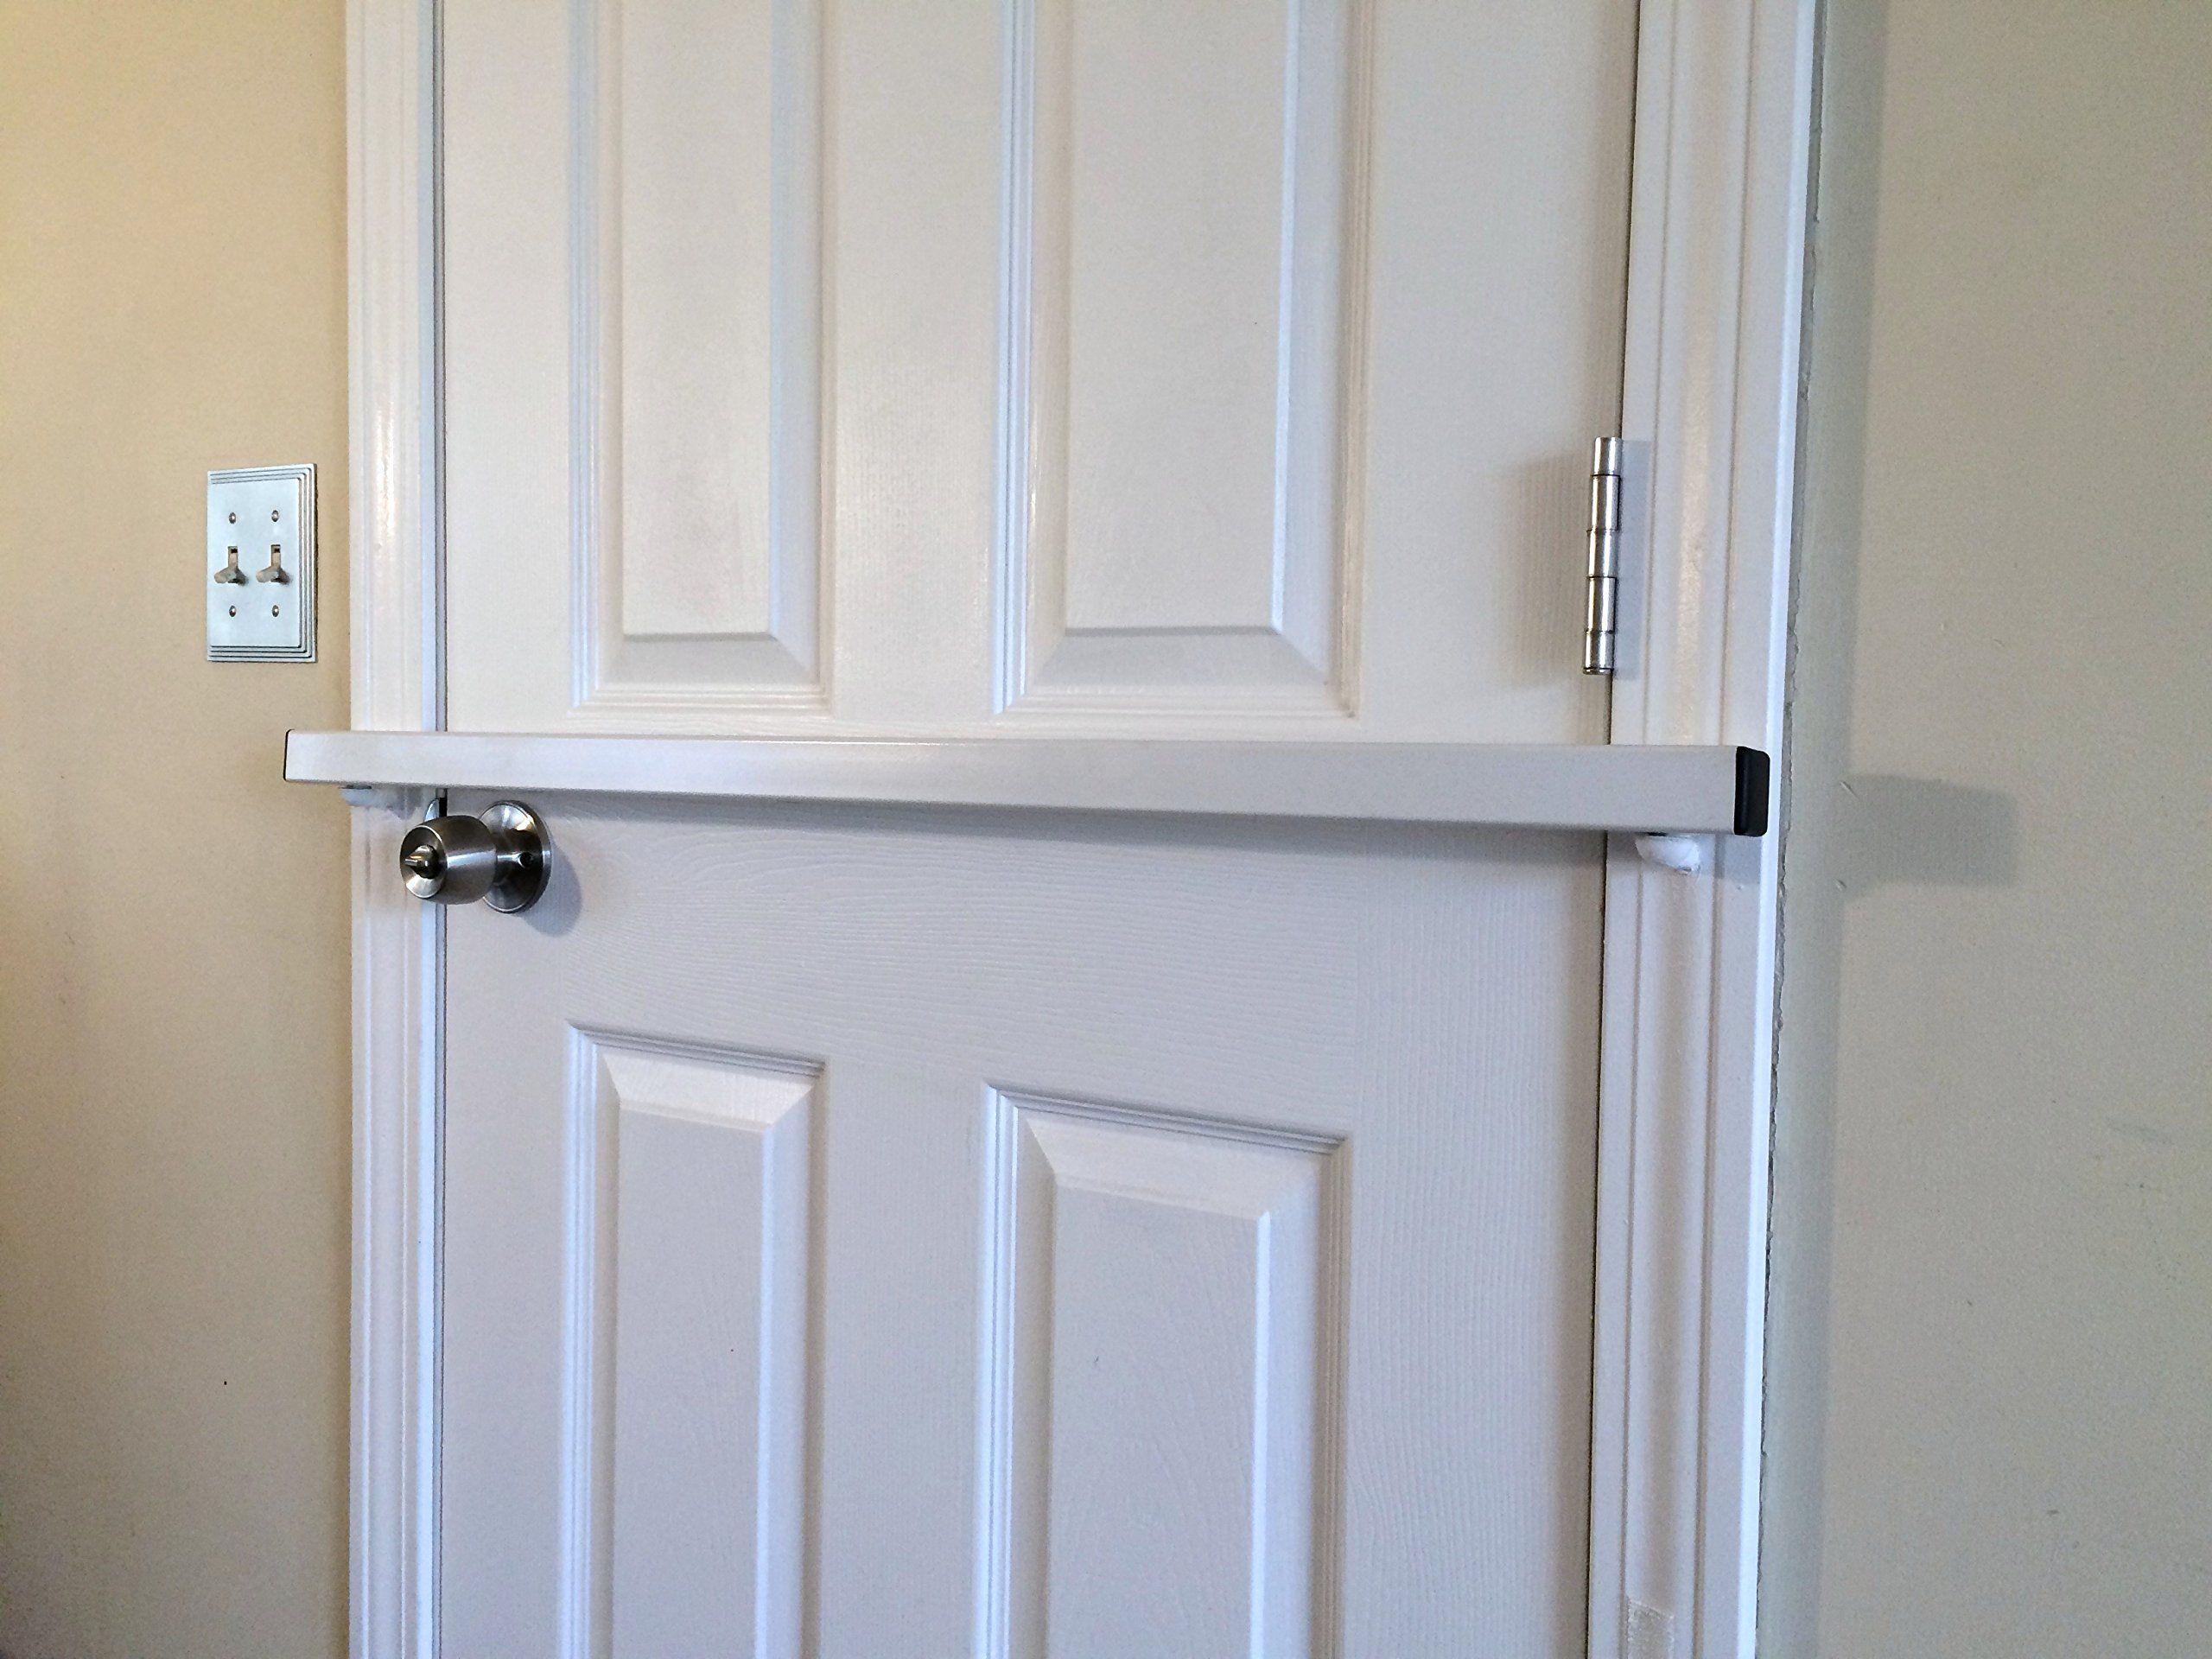 Door Bar Pro Model 36 Steel Door Security Bar For 36 Inch Wide Inswing Doors ;